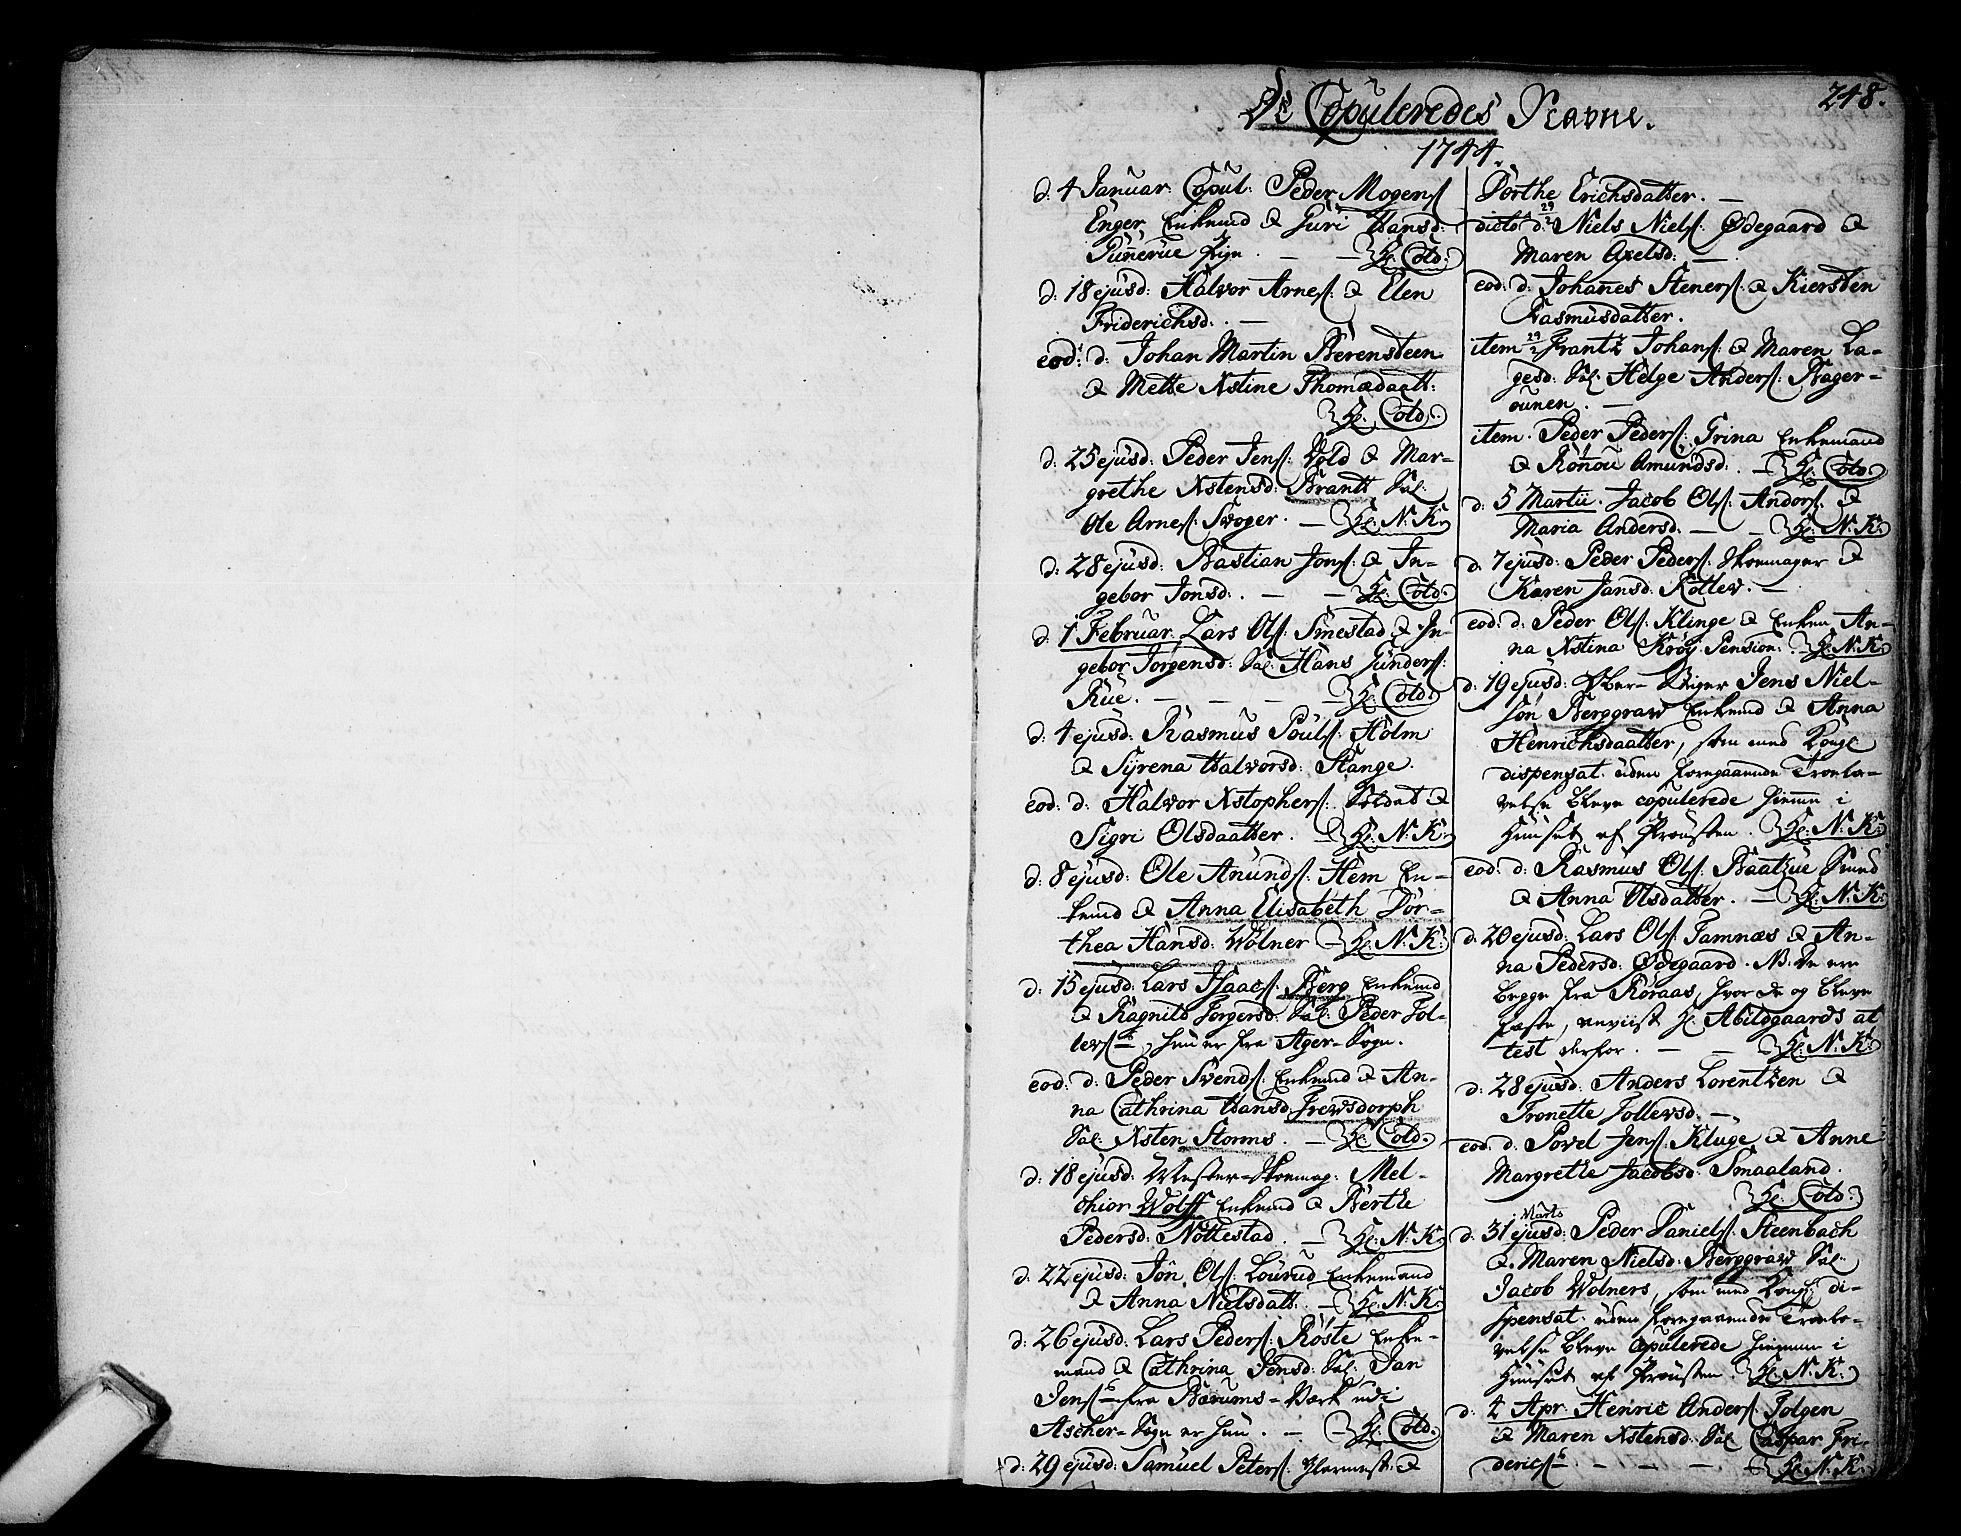 SAKO, Kongsberg kirkebøker, F/Fa/L0003: Ministerialbok nr. I 3, 1744-1755, s. 248